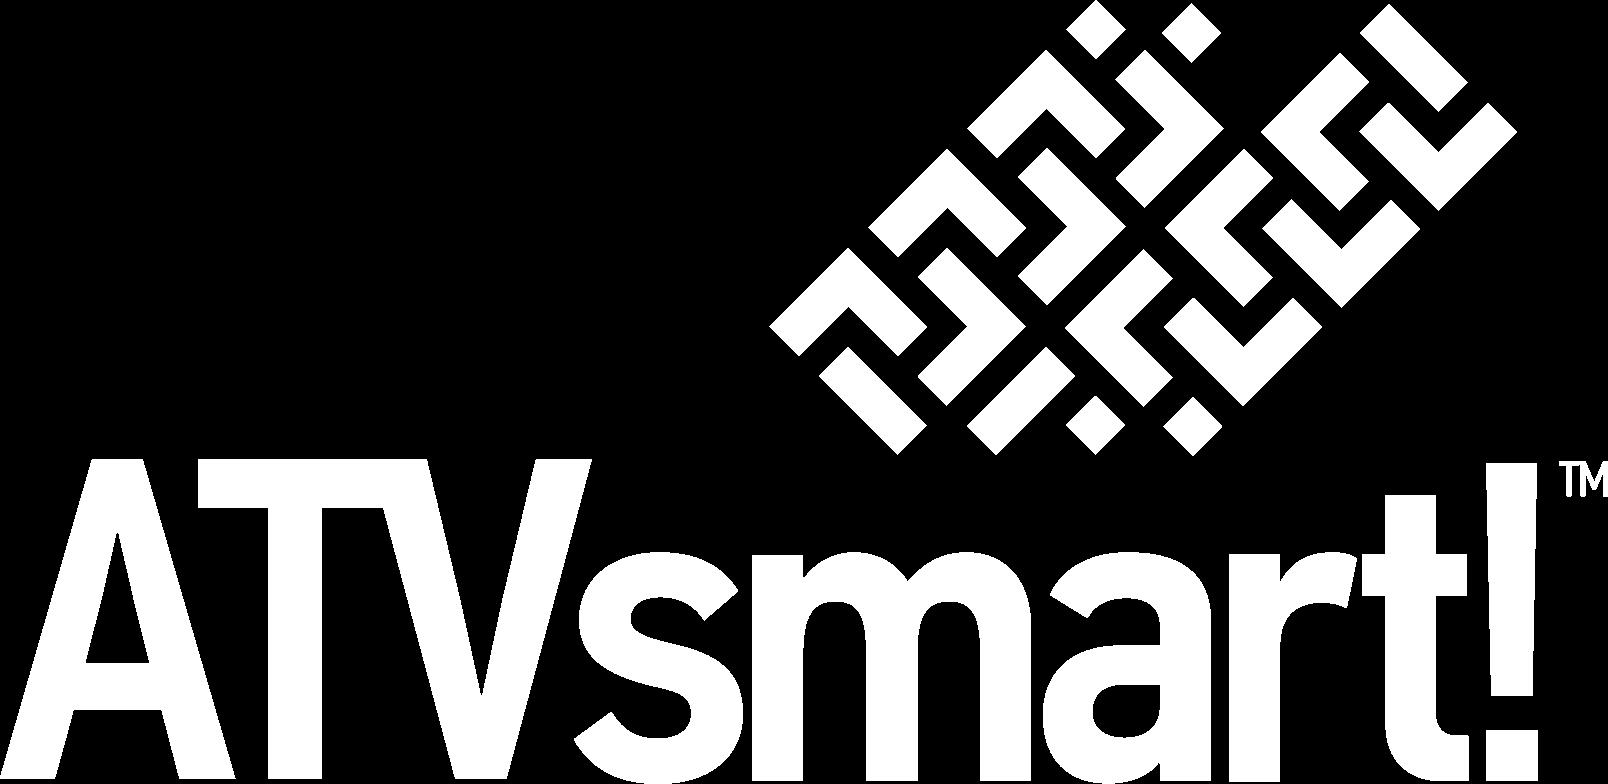 SLEDsmart! logo